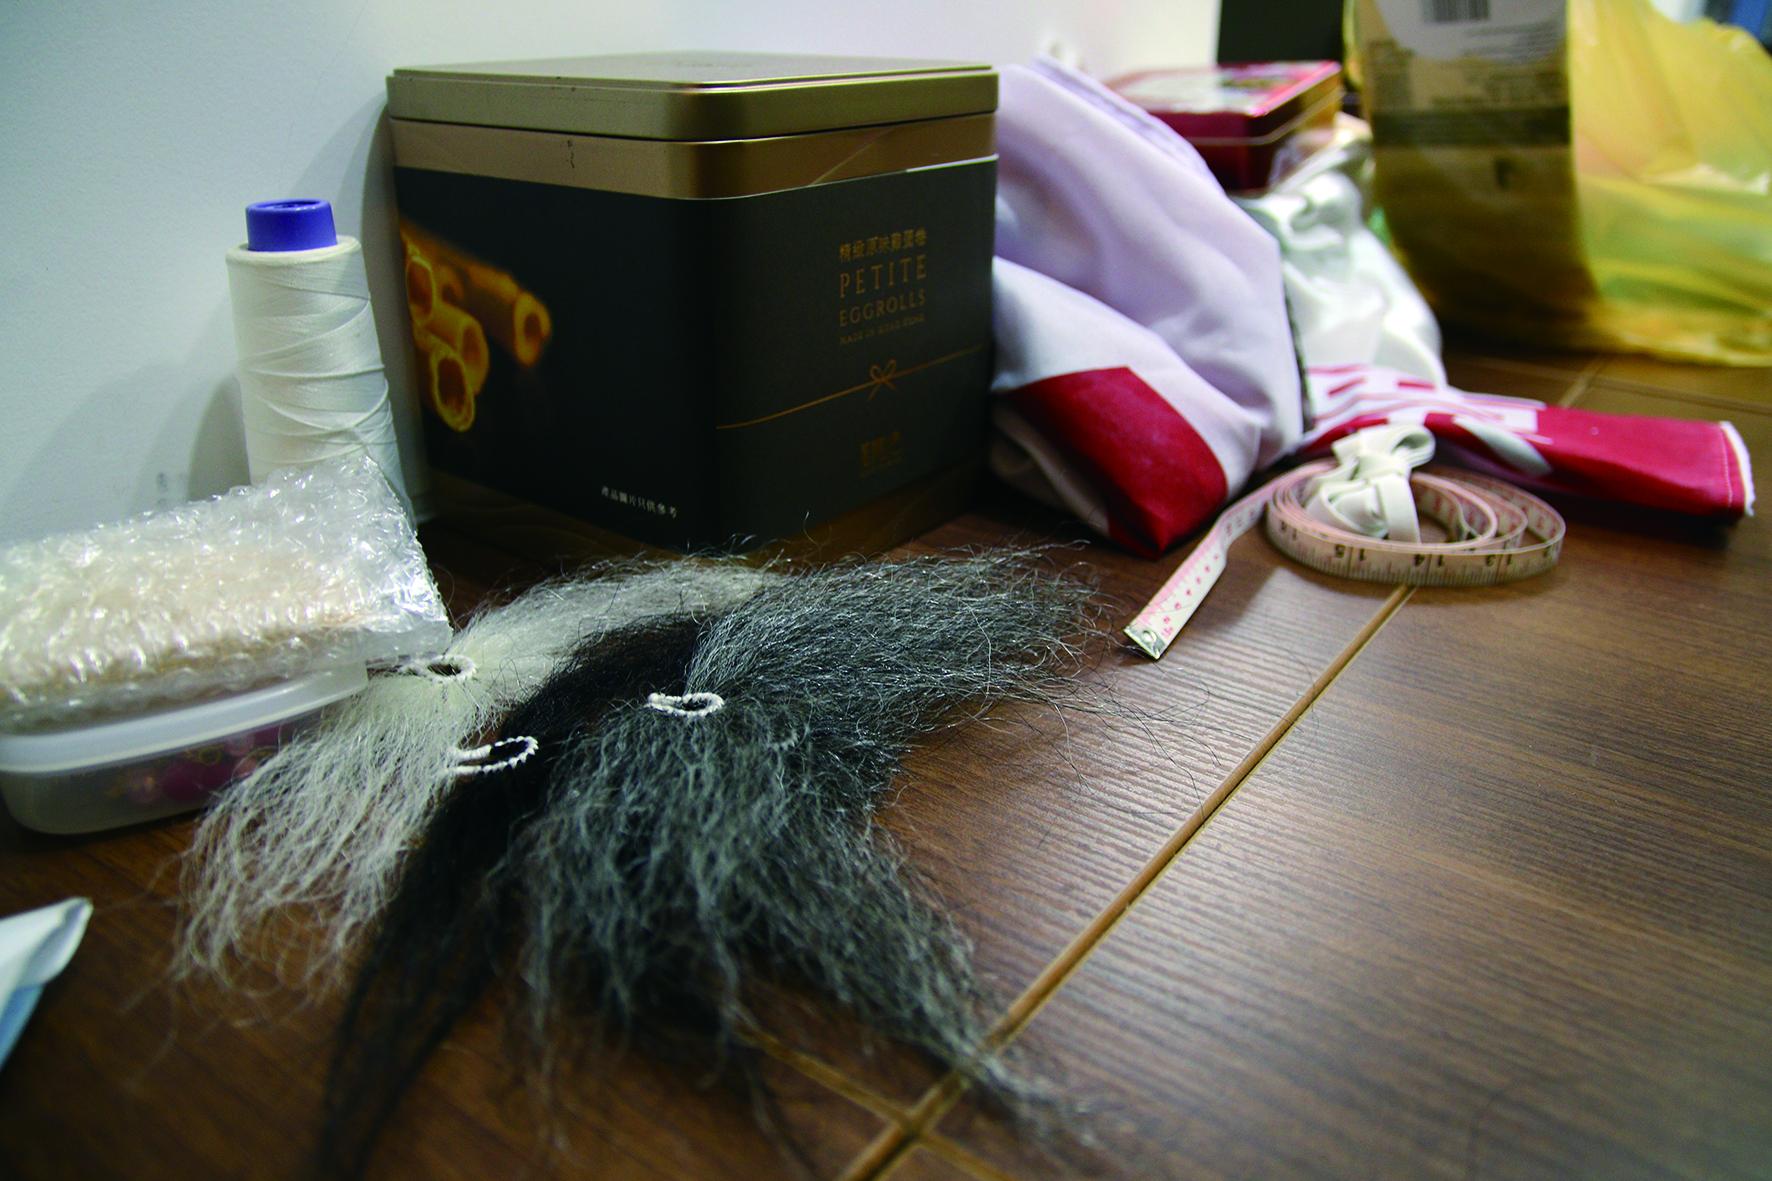 家裡不時可見製作歌仔戲服和頭飾的材料,張孟逸笑言先生很愛乾淨。.JPG